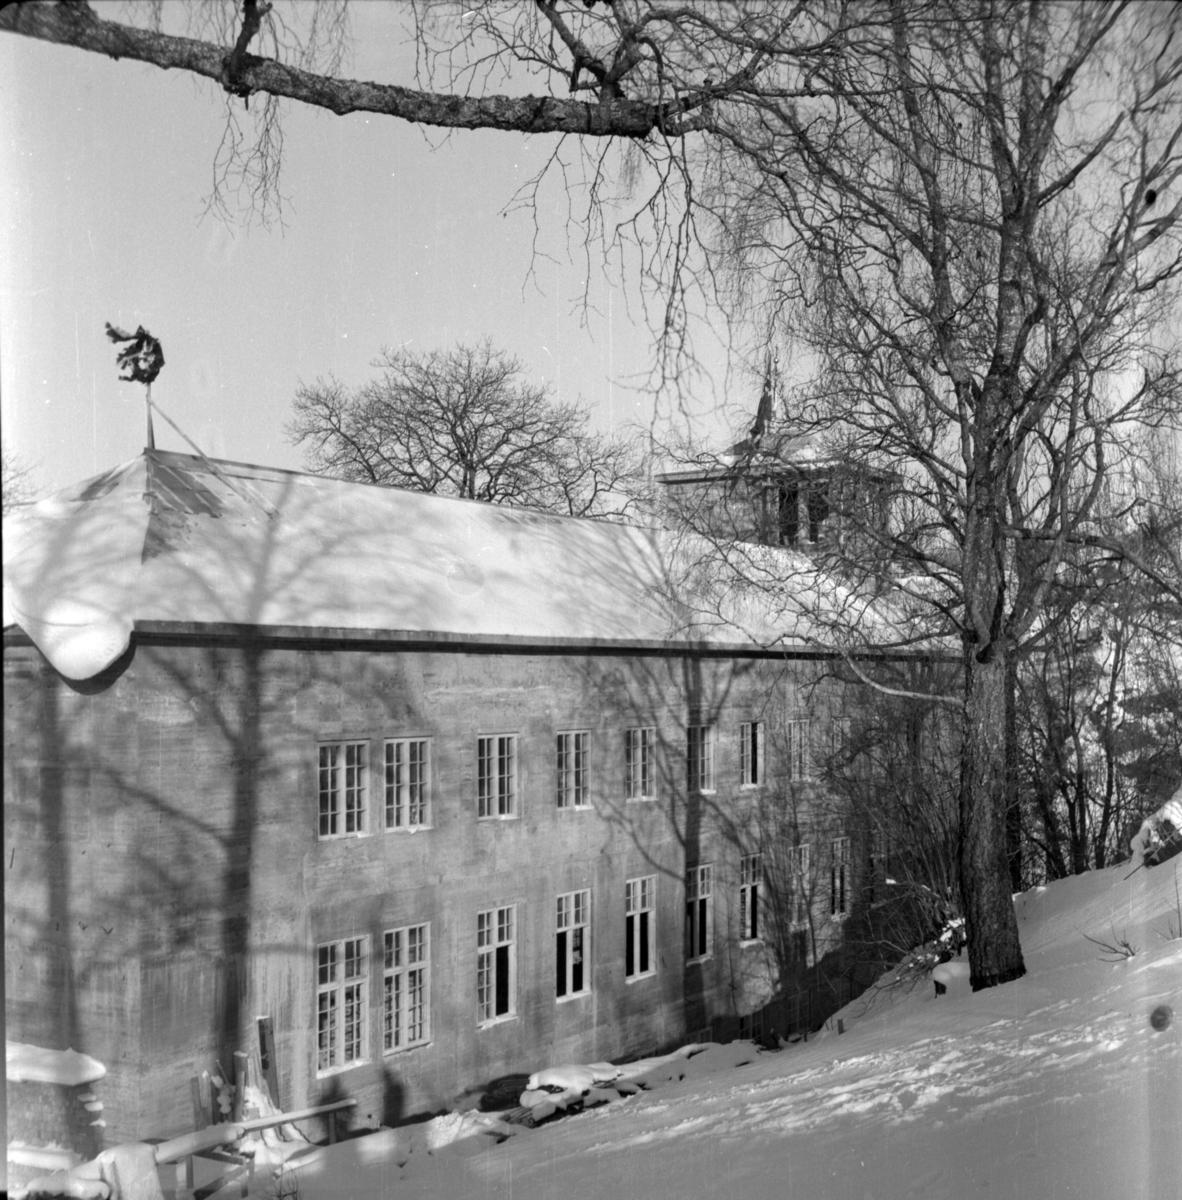 Aust-Agder-Museets første byggetrinn  på Langsæ. Kranselag. Vinter med snøl.